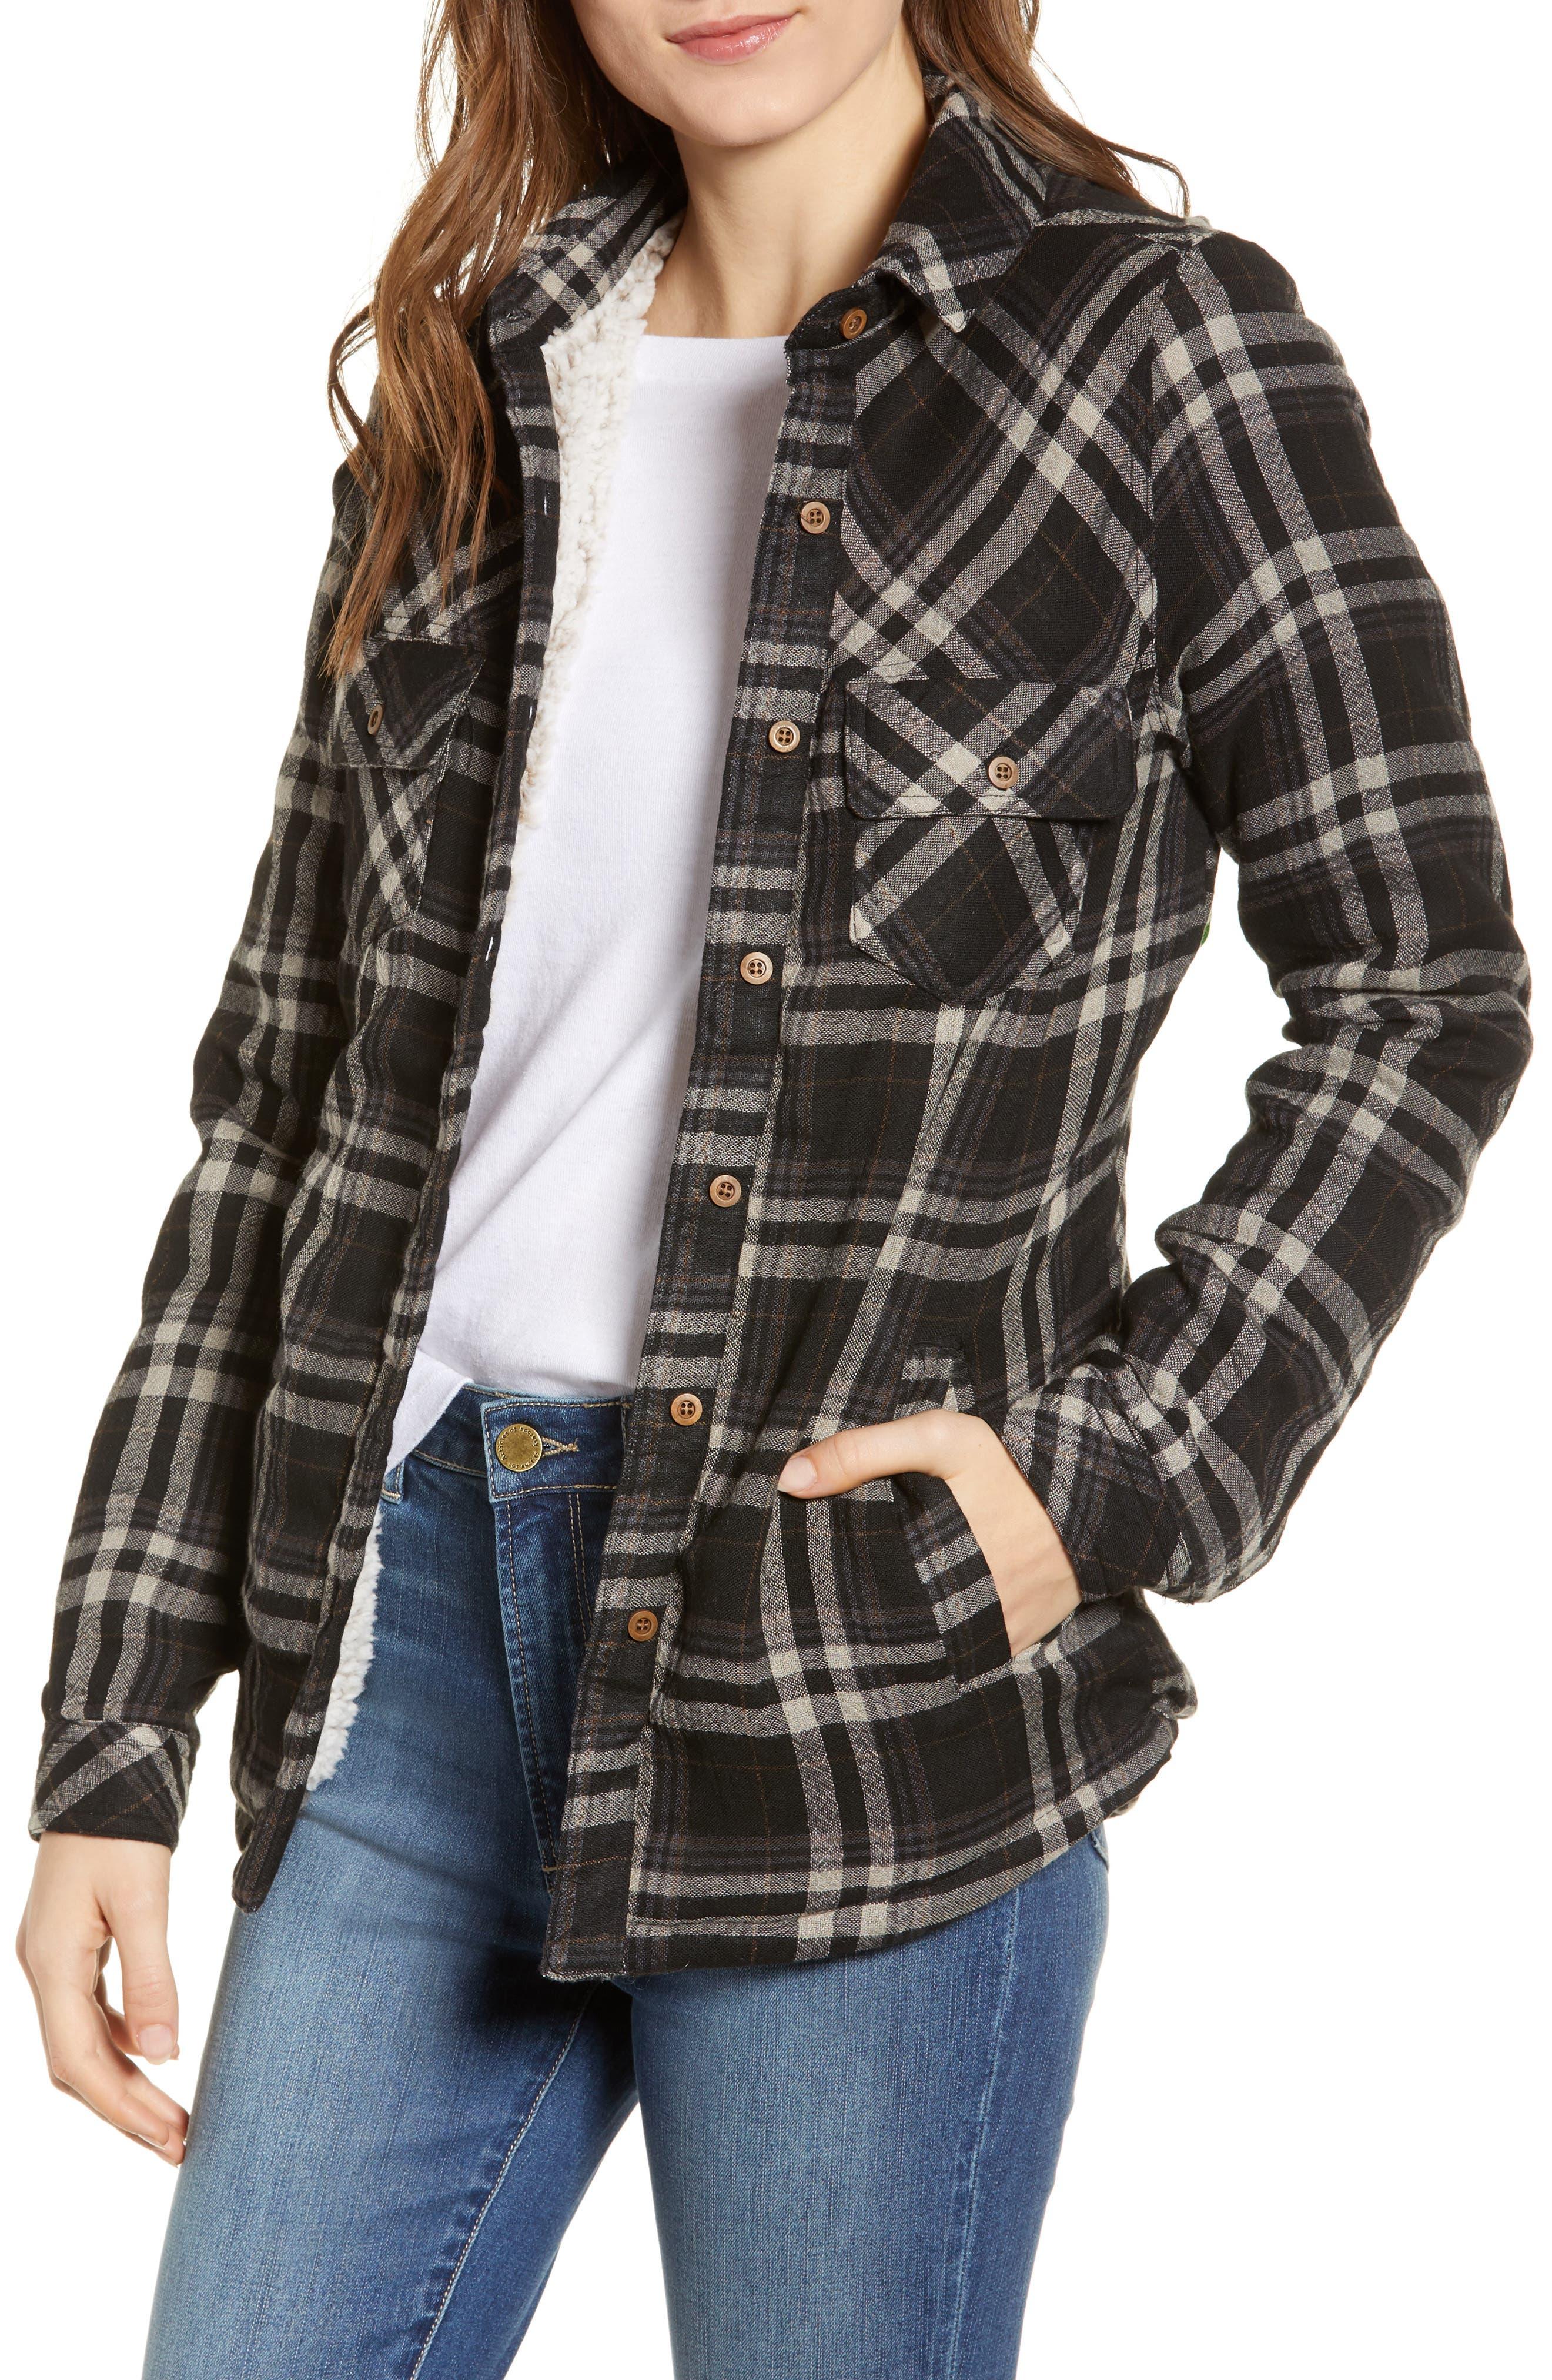 Thread & Supply Newark Fleece Lined Shirt Jacket